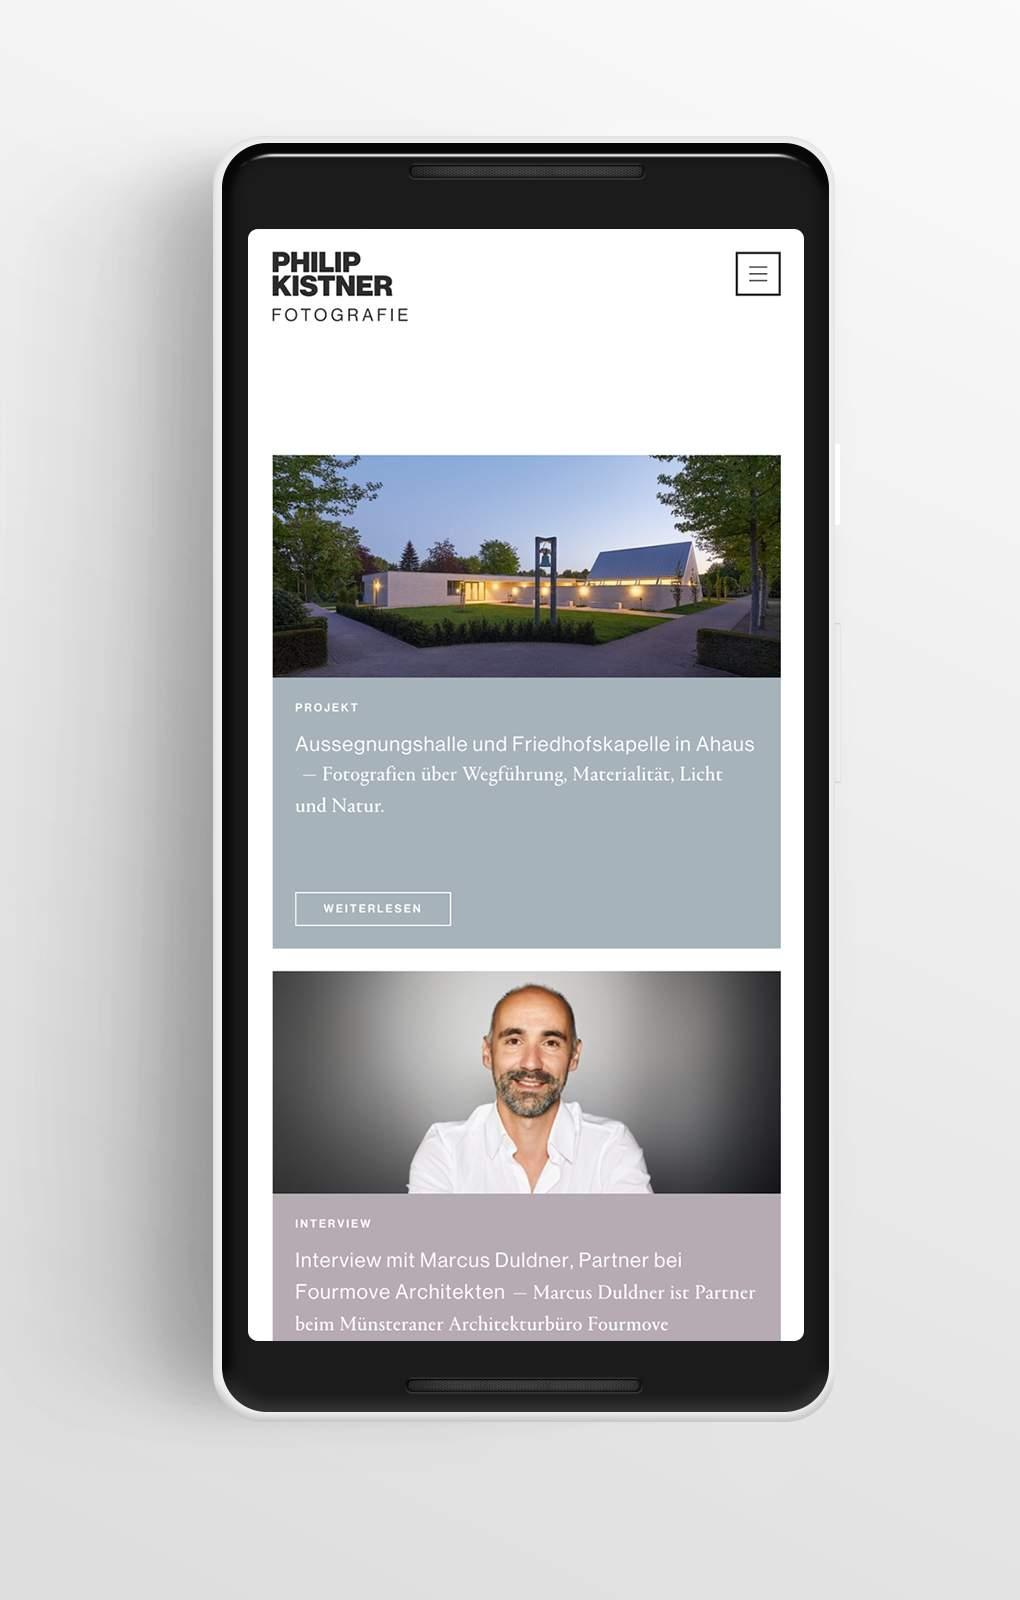 Übersicht Magazin - Philip Kistner - Mobile